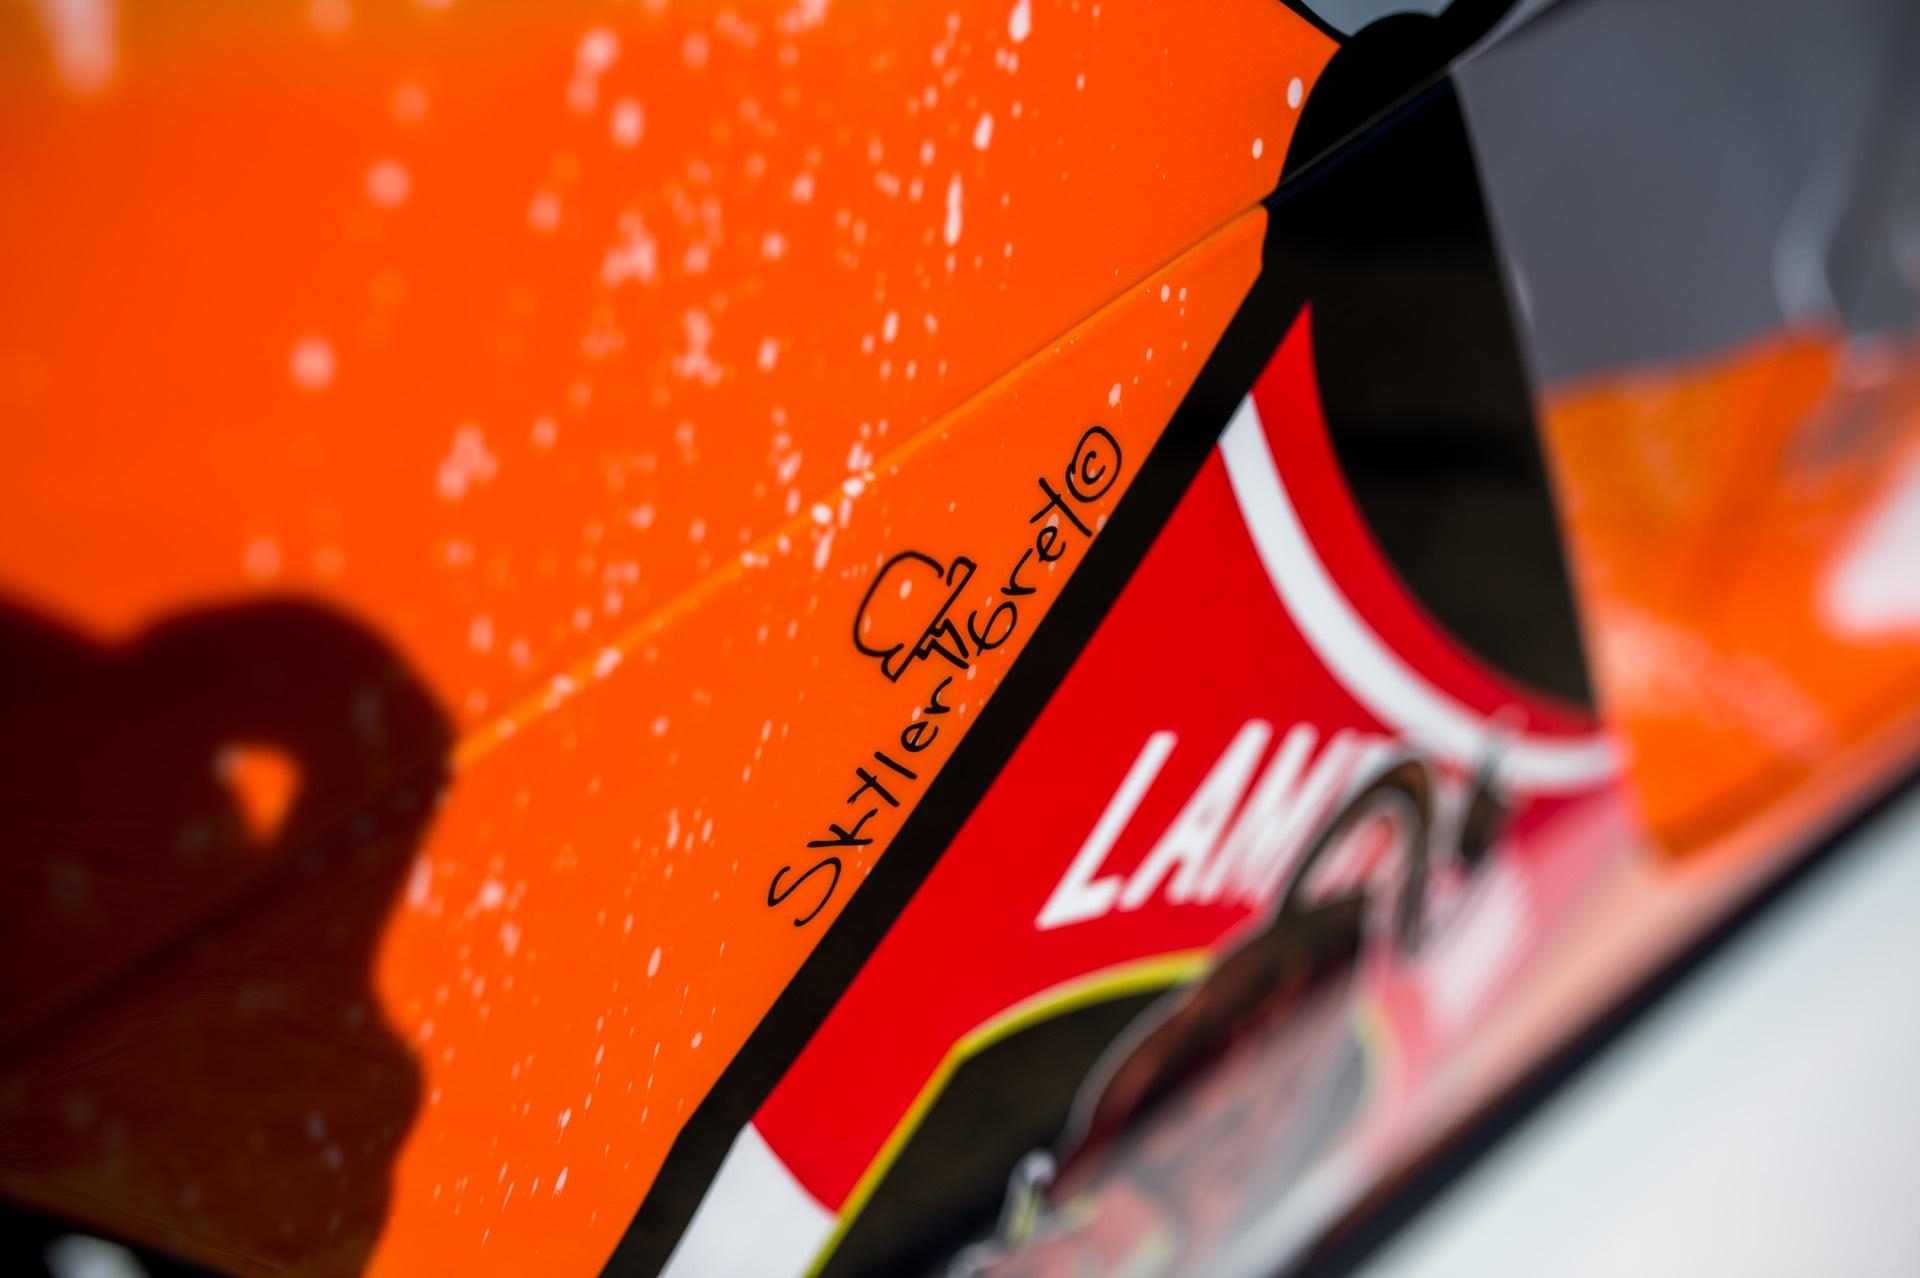 Skyler-Grey-Lamborghini-Aventador-S-Art-Car33